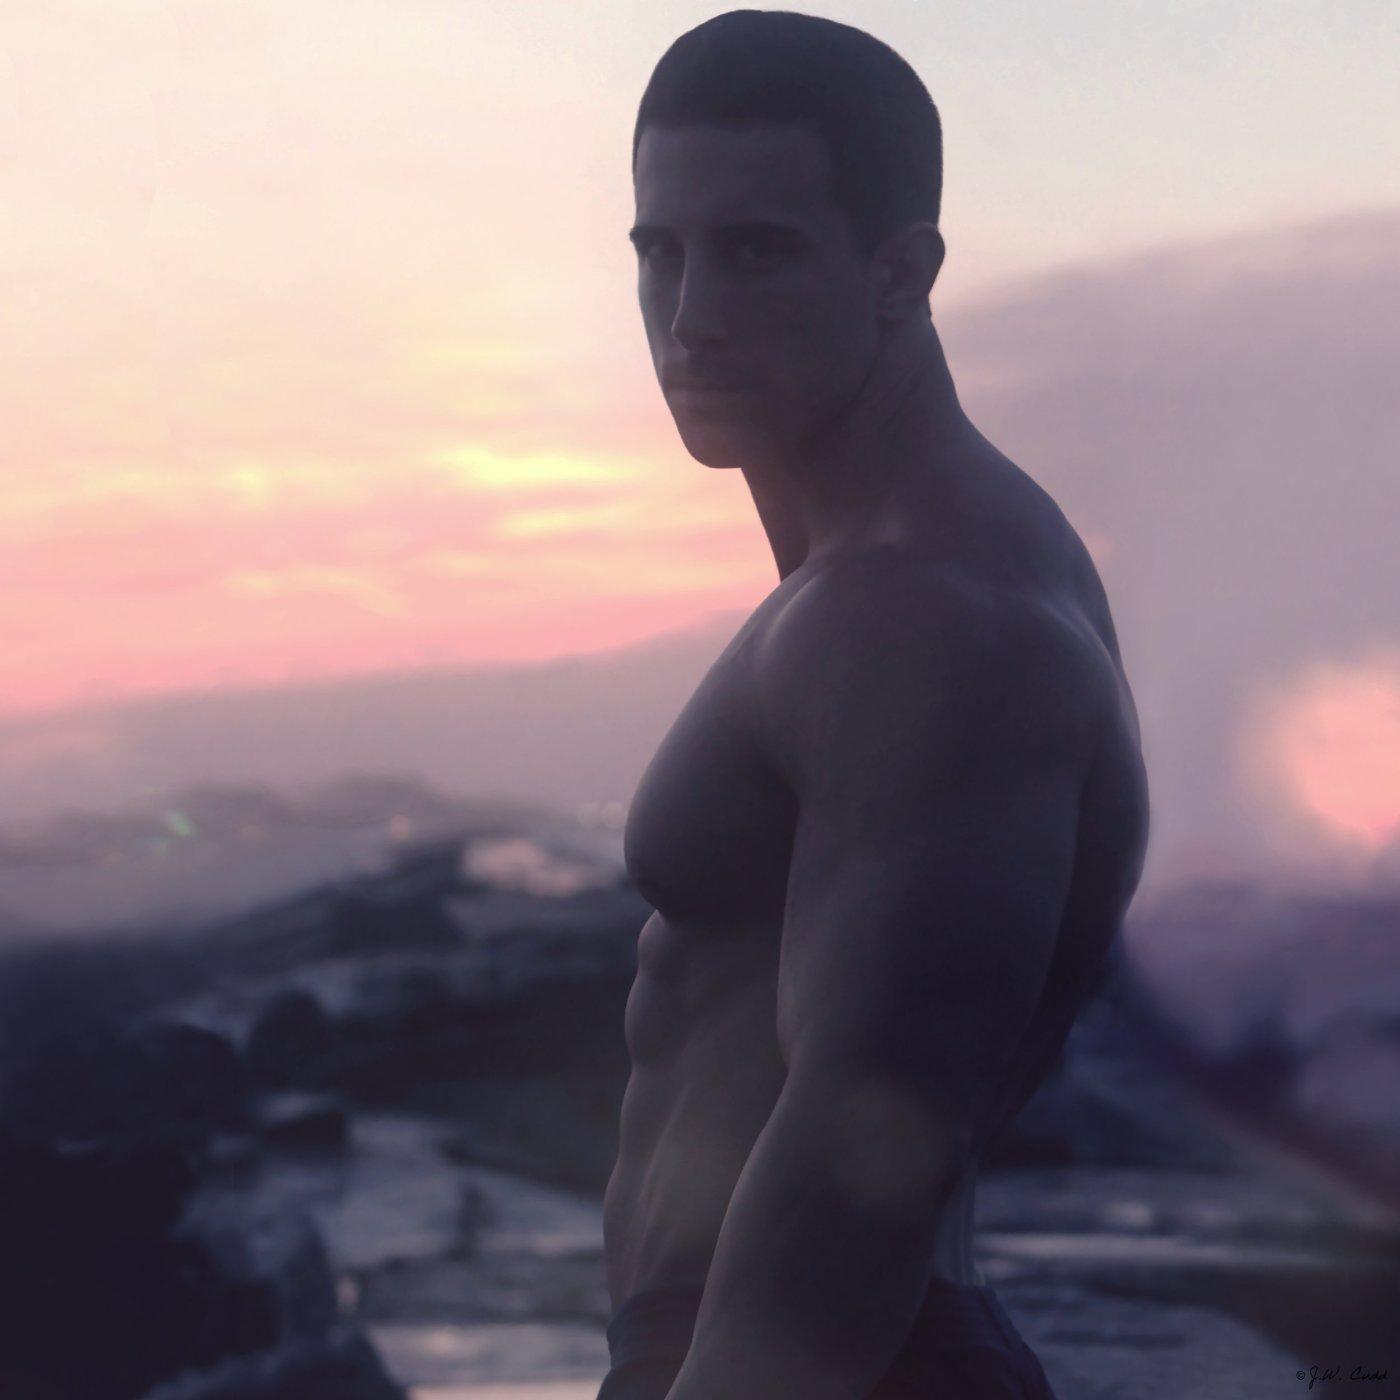 Bodybuilder: Brock OglePhotographer: J.W. CUDD